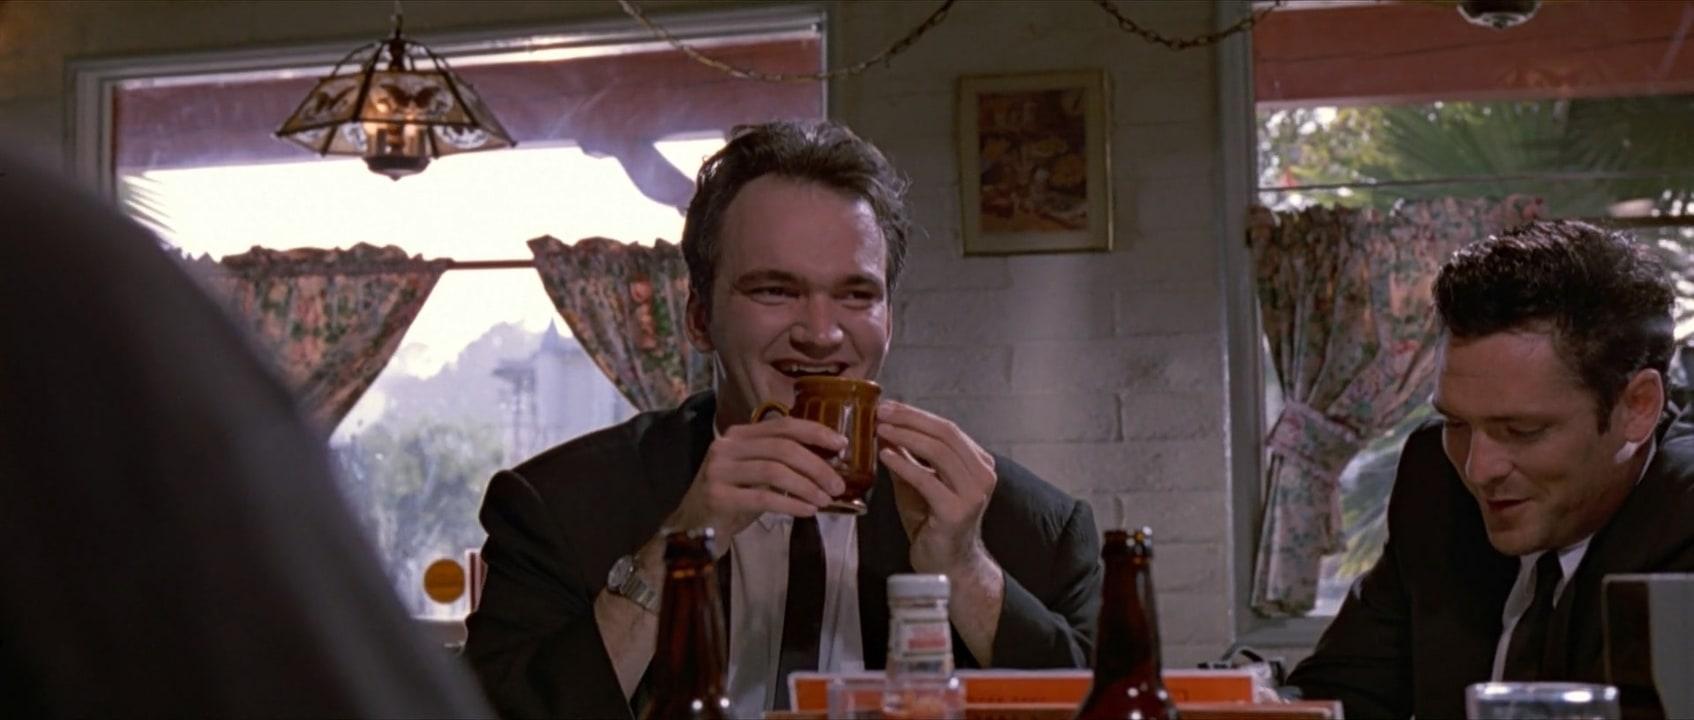 کوئنتین تارانتینو در فیلم سینمایی Reservoir Dogs